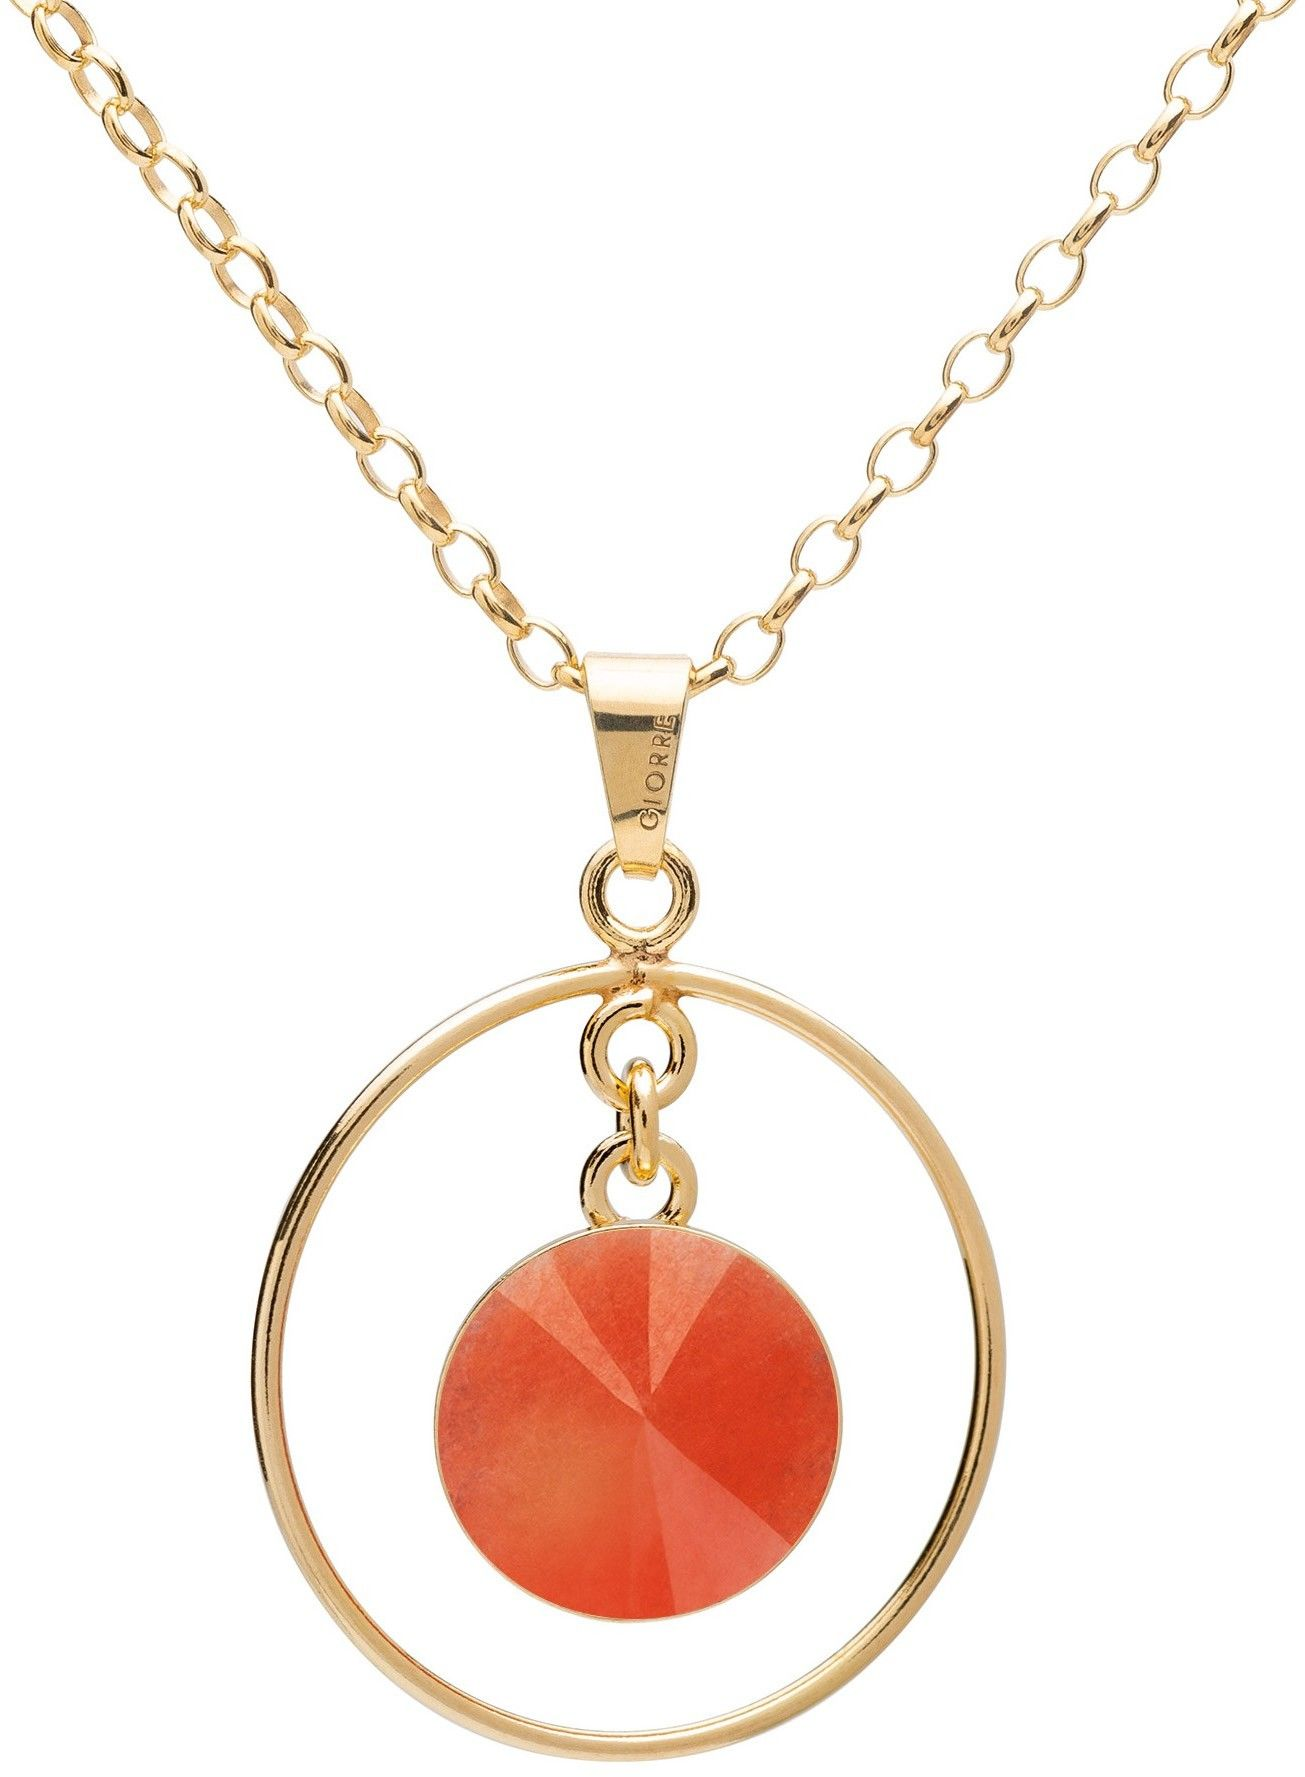 Okrągły naszyjnik z naturalnym kamieniem - jadeit, srebro 925 : Długość (cm) - 45 + 5, Kamienie naturalne - kolor - jadeit pomarańczowy, Srebro - kolor pokrycia - Pokrycie żółtym 18K złotem